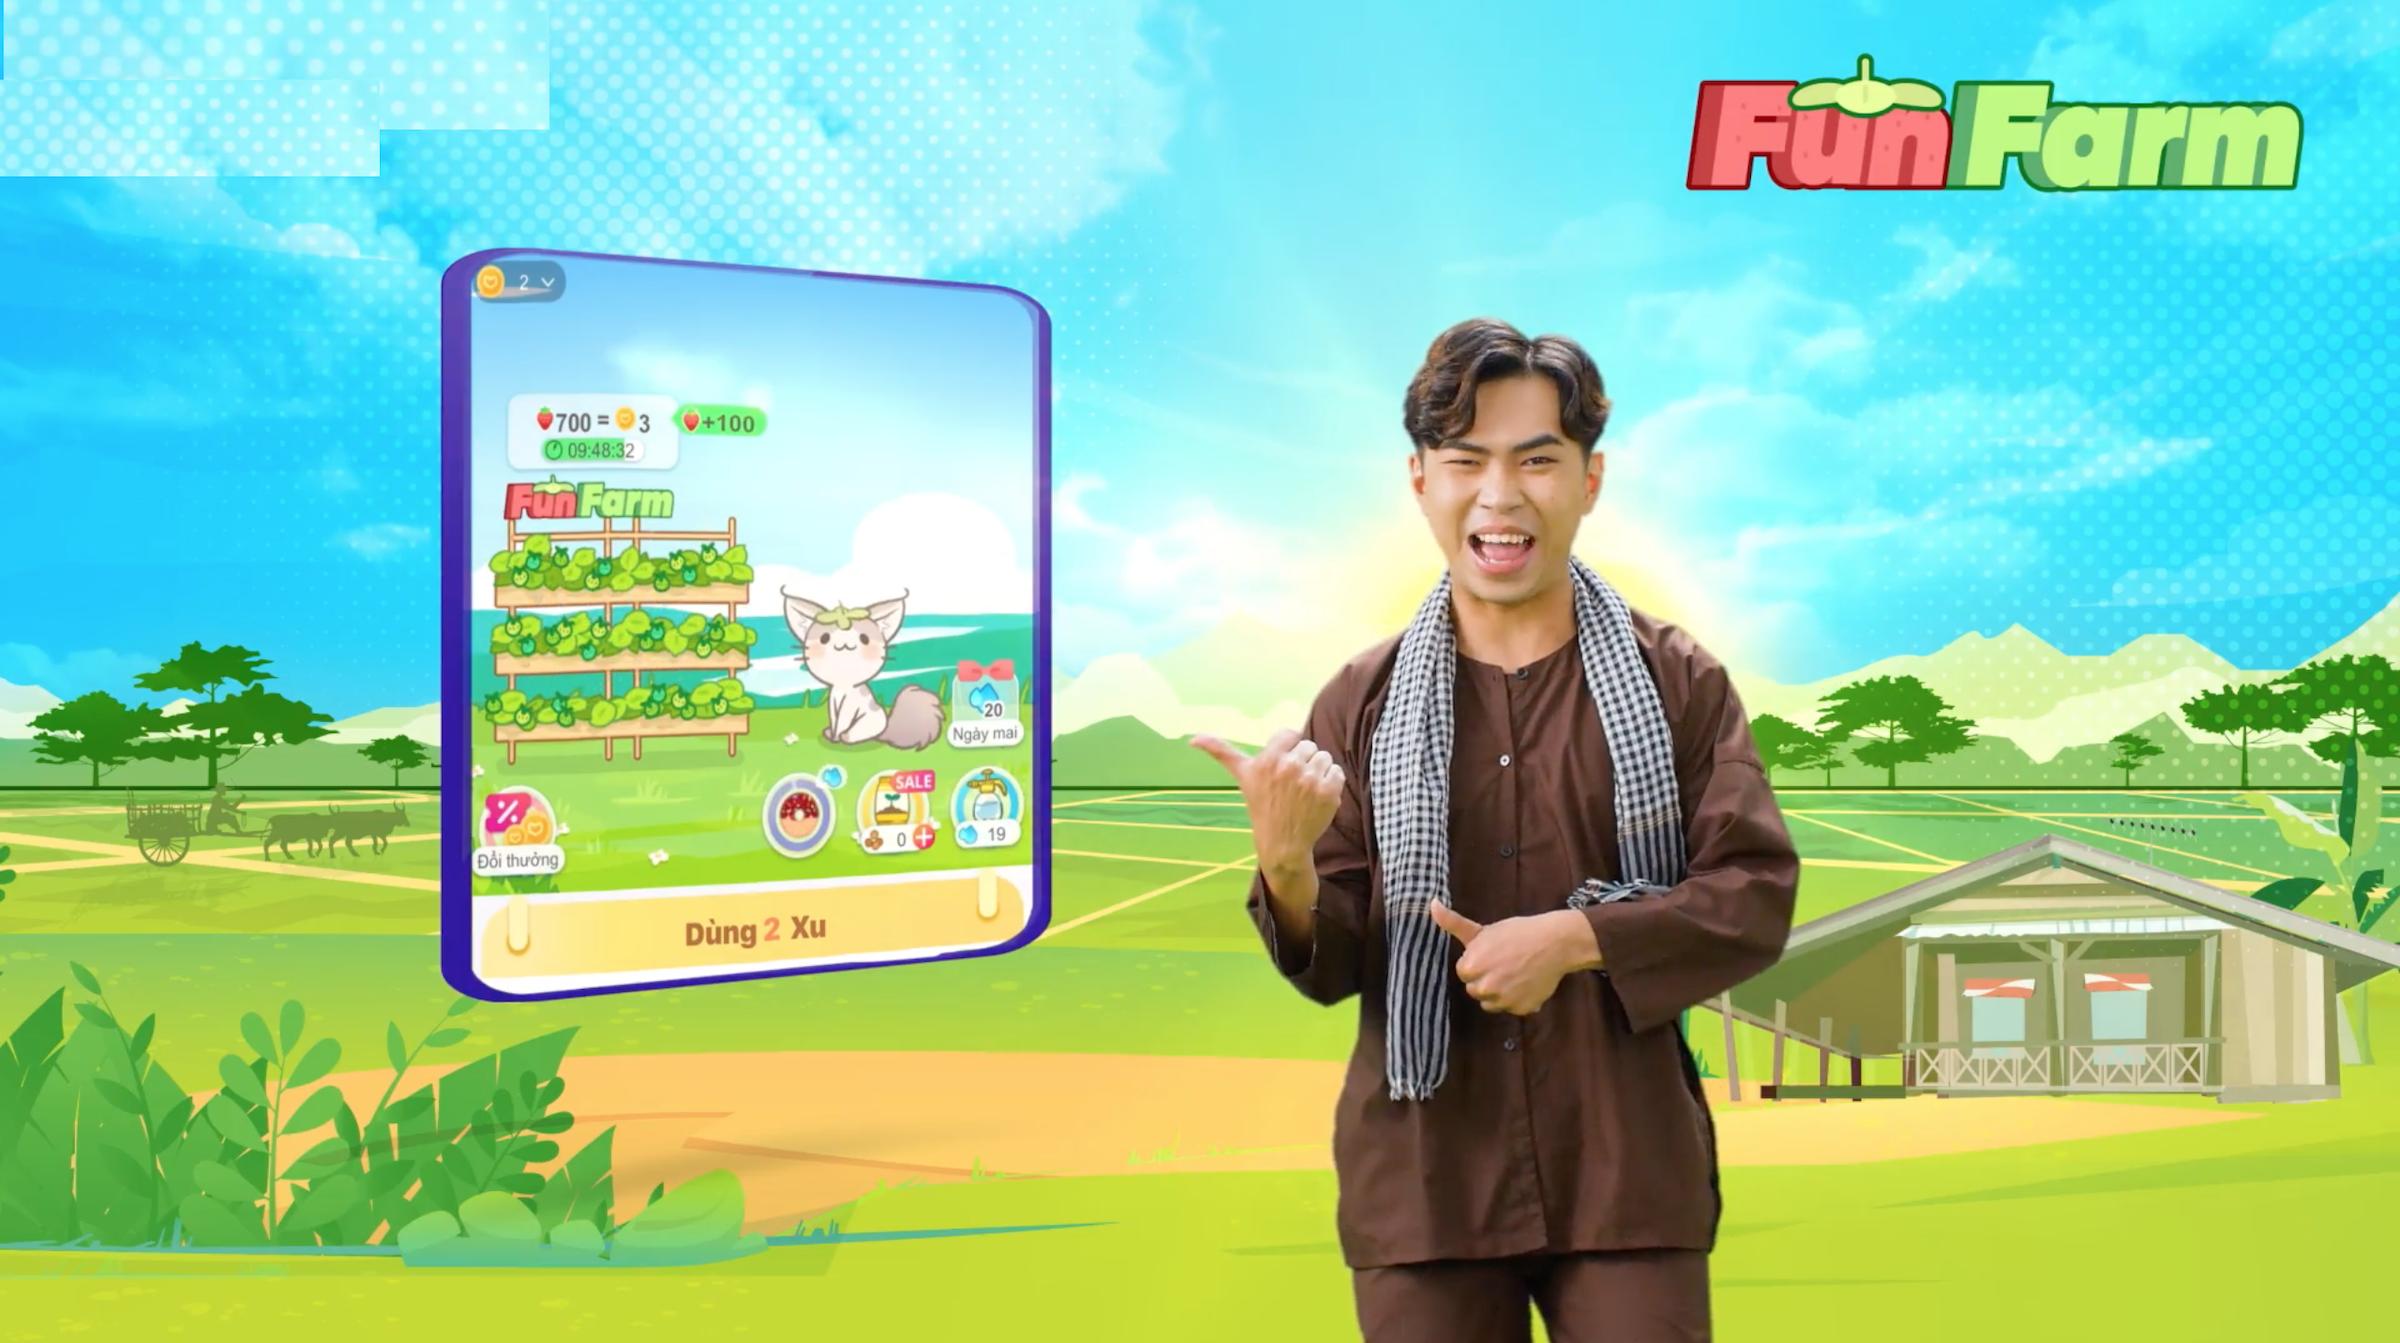 Minigame FunFarm Khu vườn vui vẻ trong mục LazGame của ứng dụng Lazada cũng là khu vực giải trí mà Minh Dự thường tham gia để nhận xu, giảm giá trực tiếp vào đơn hàng.